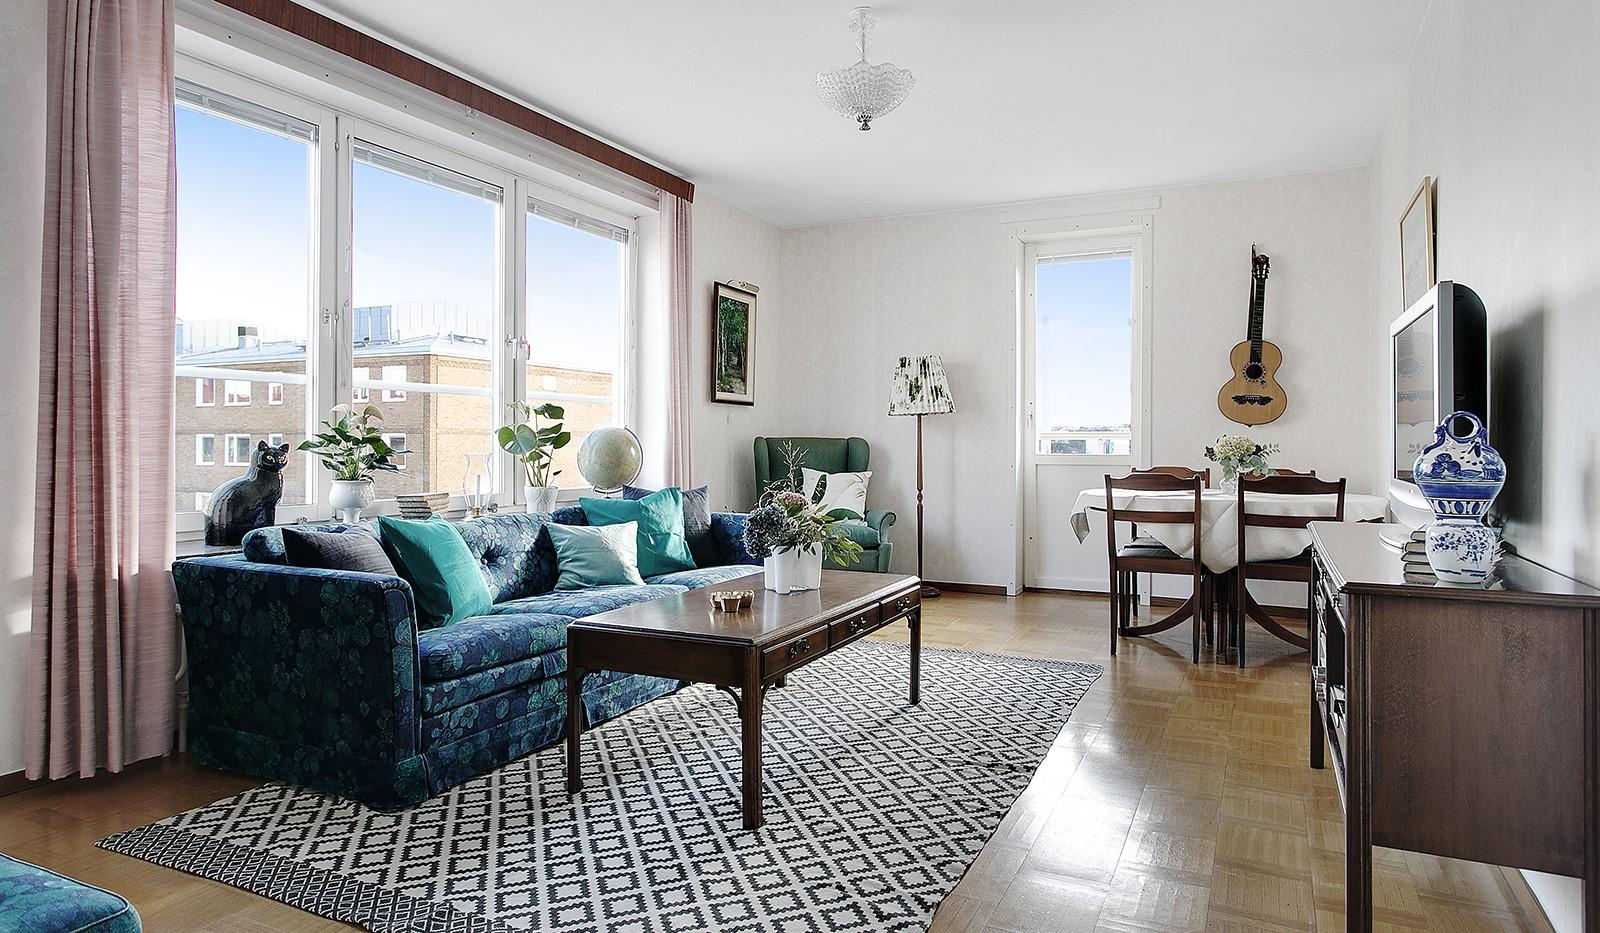 Bohusgatan 35, 5 tr - Härligt ljusinsläpp i vardagsrummet